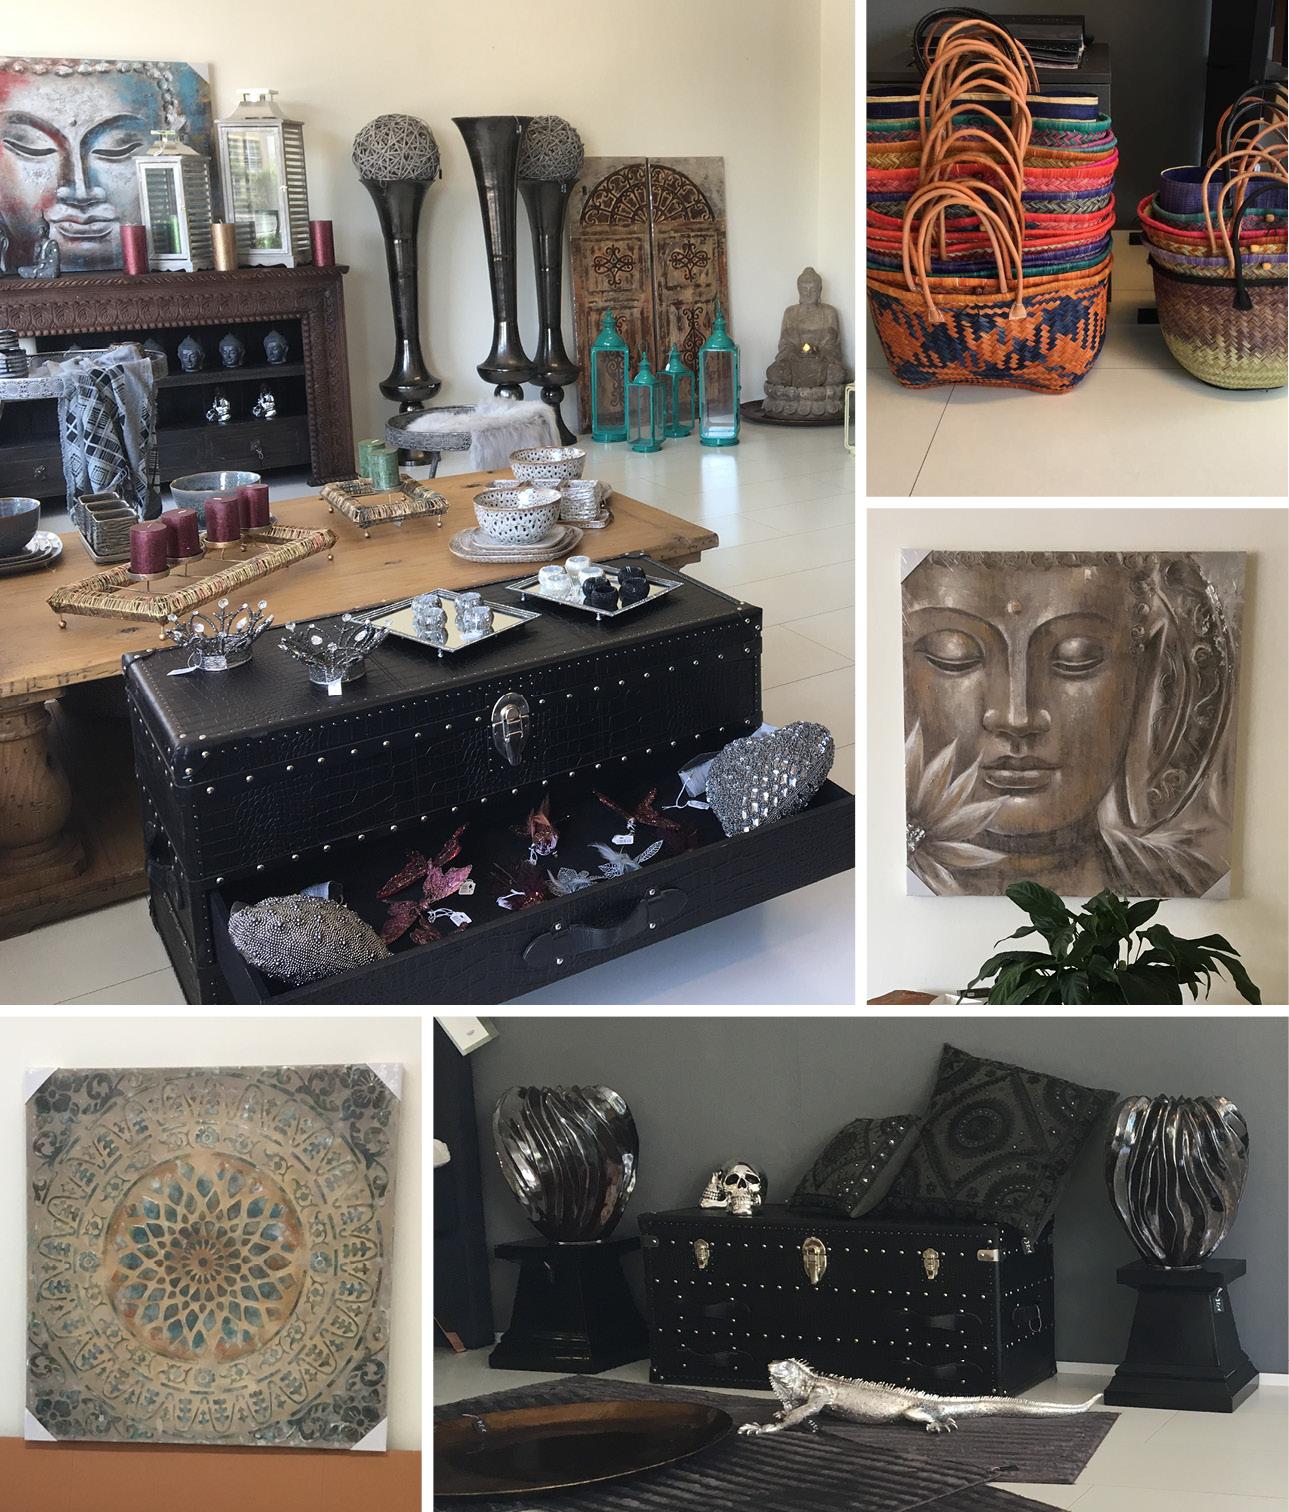 willkommen im concept store by gy matratzen wasserbetten. Black Bedroom Furniture Sets. Home Design Ideas